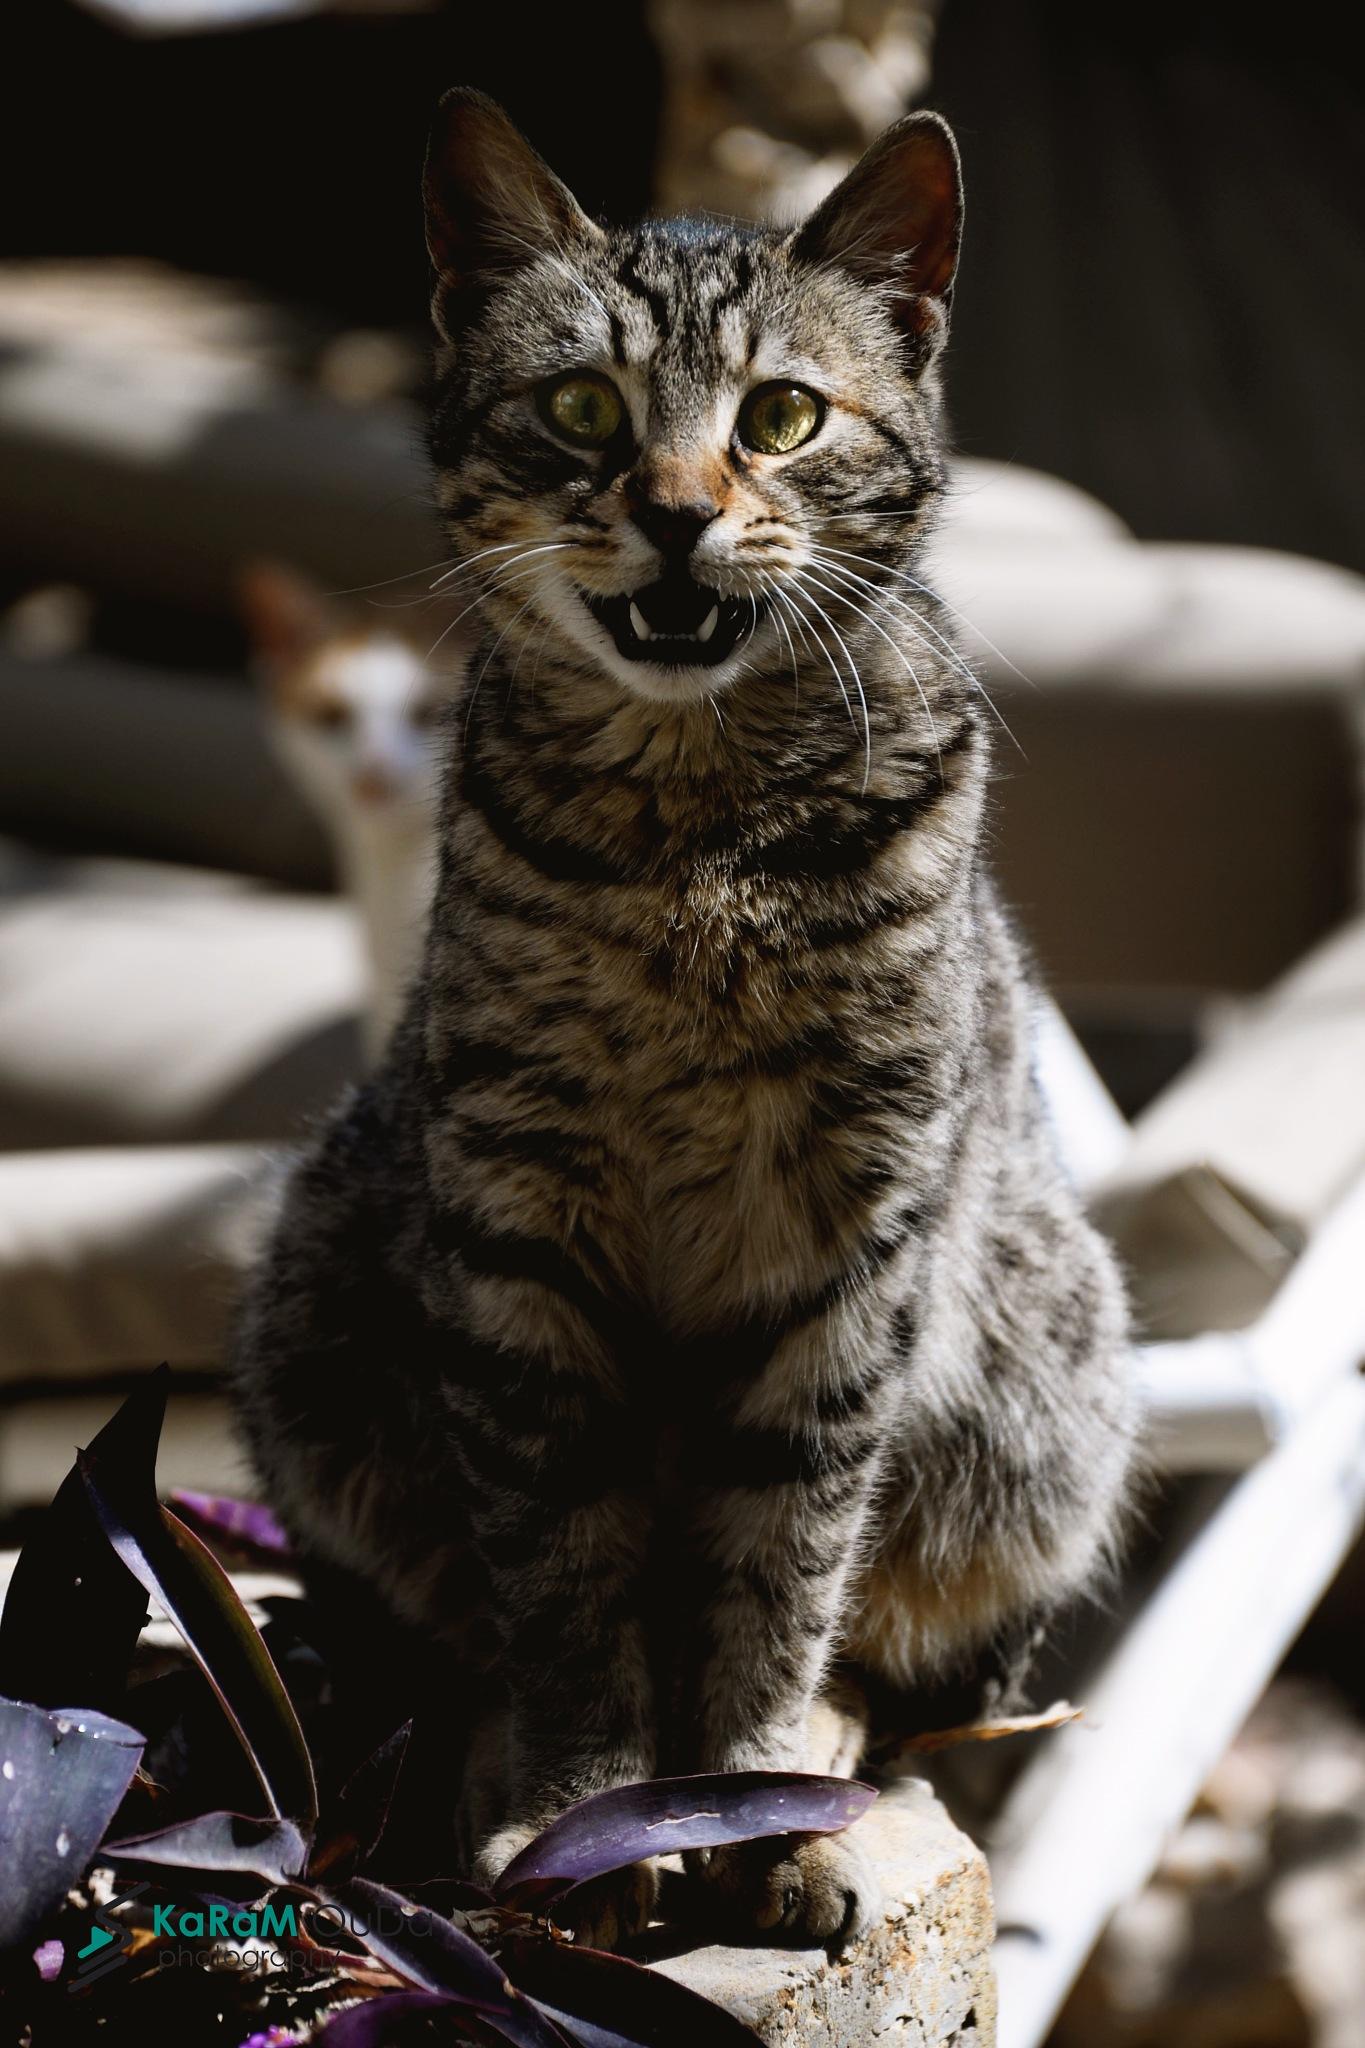 cat by KaRam OuDa